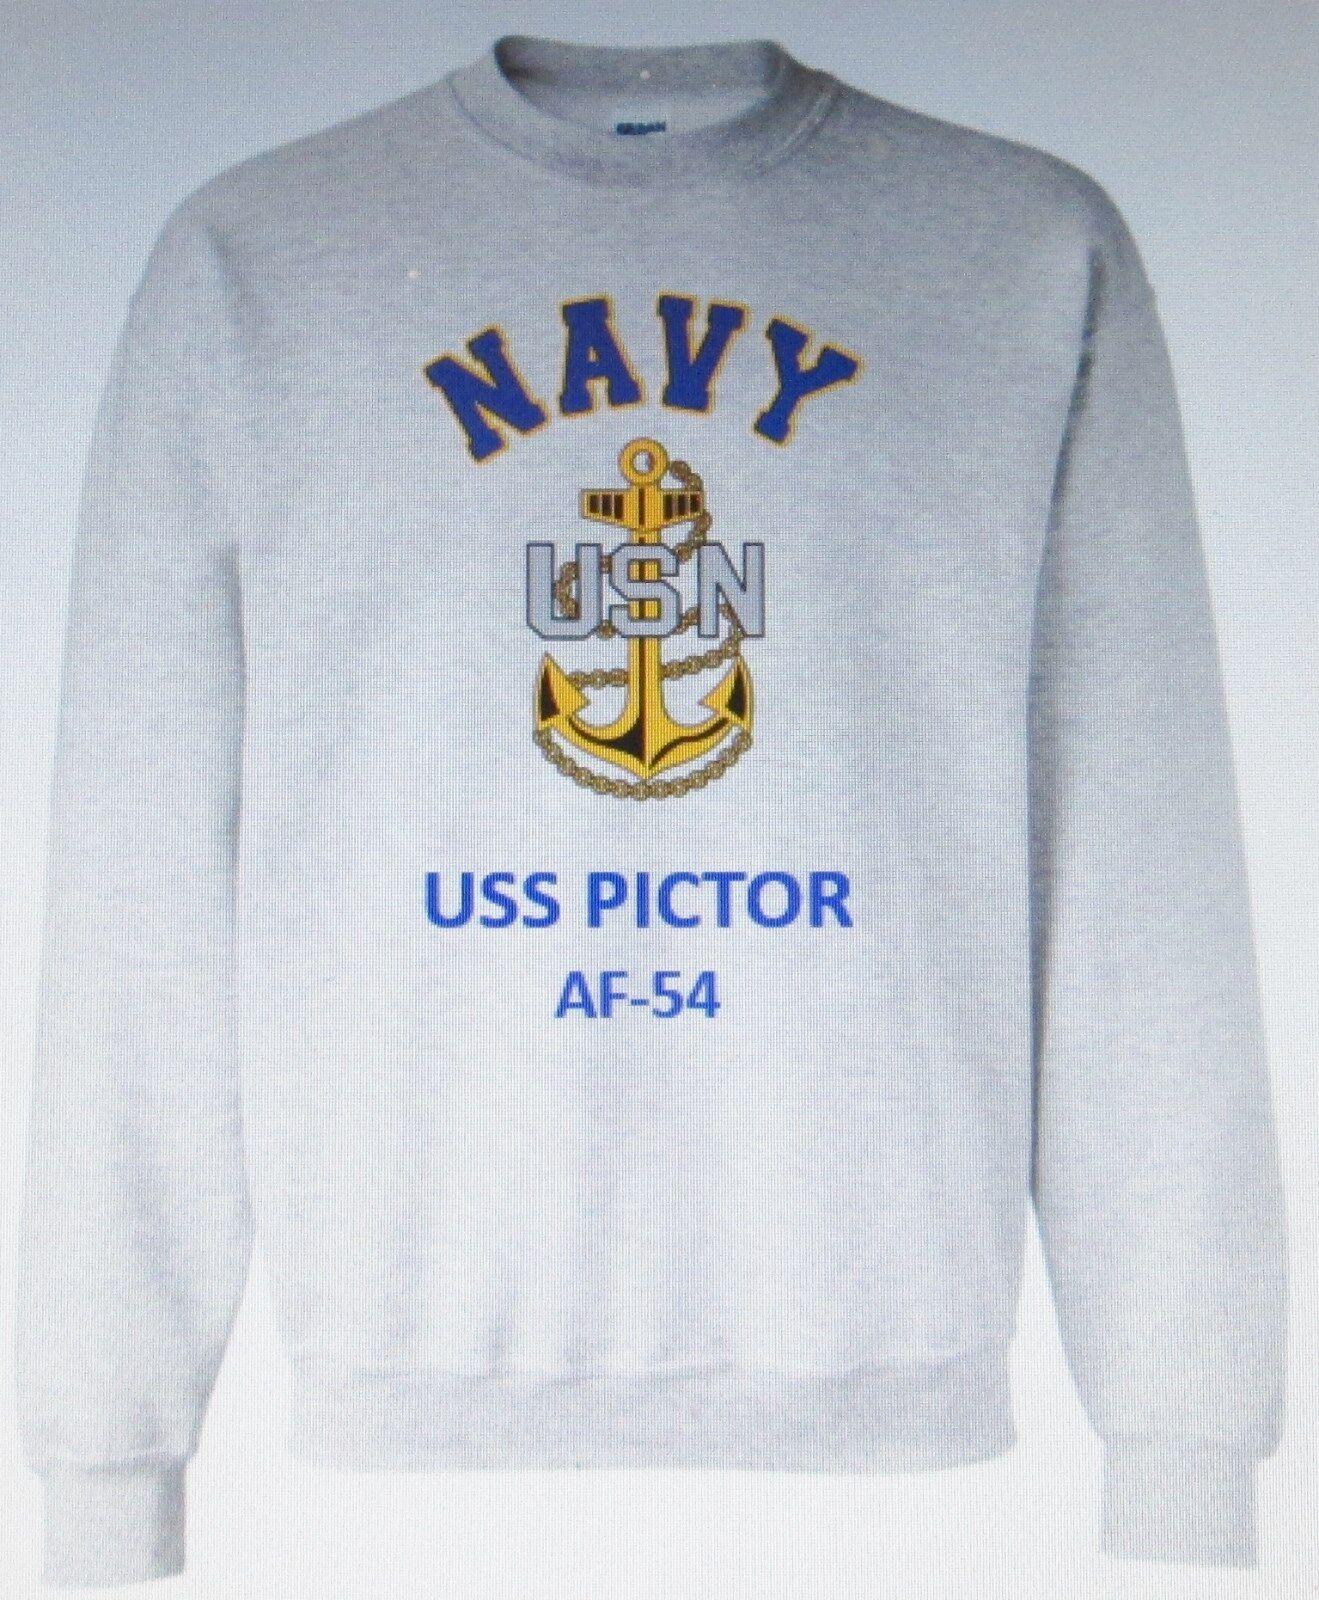 USS PICTOR  AF-54  STORES SHIP  NAVY ANCHOR EMBLEM SWEATSHIRT